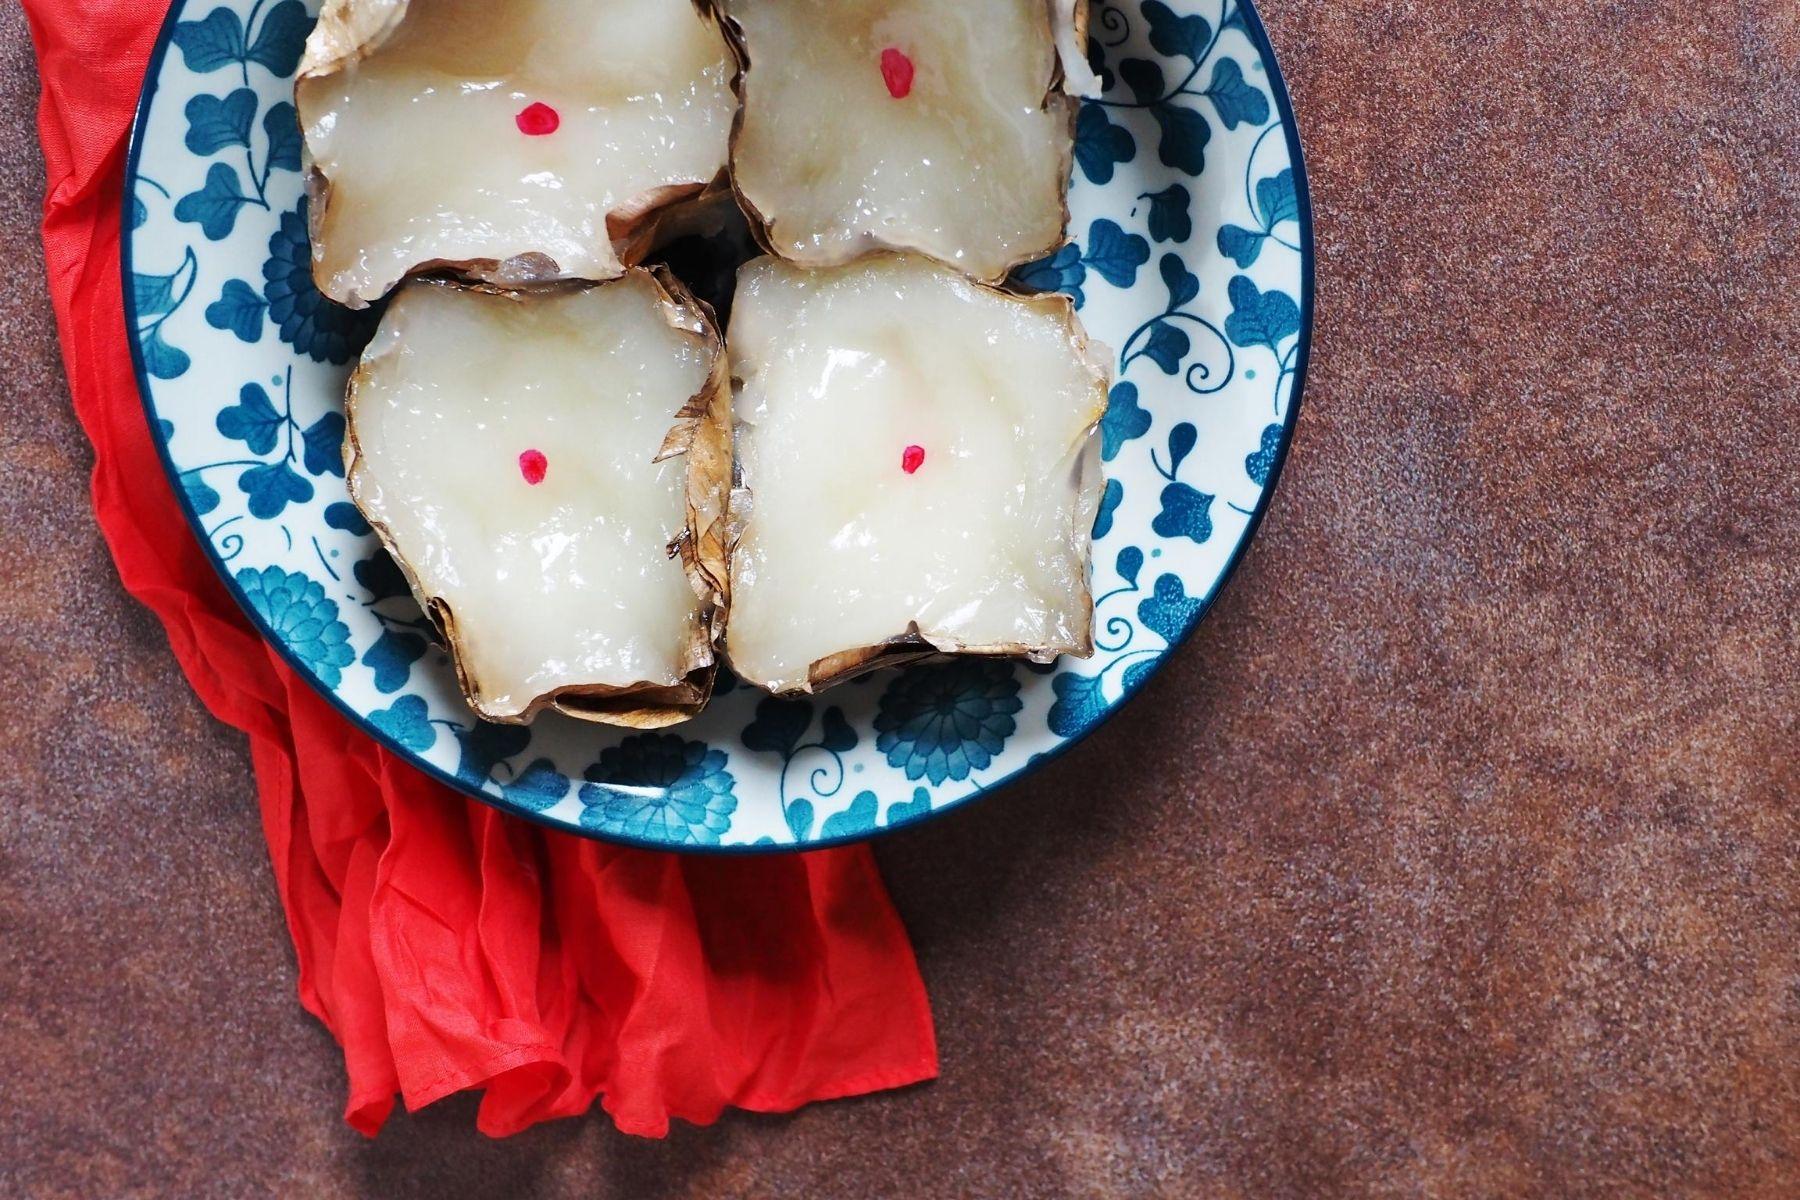 HappyFresh_Khanom_Kheng_Sacraficial_Foods_For_Spirit_Festival_Gourmet